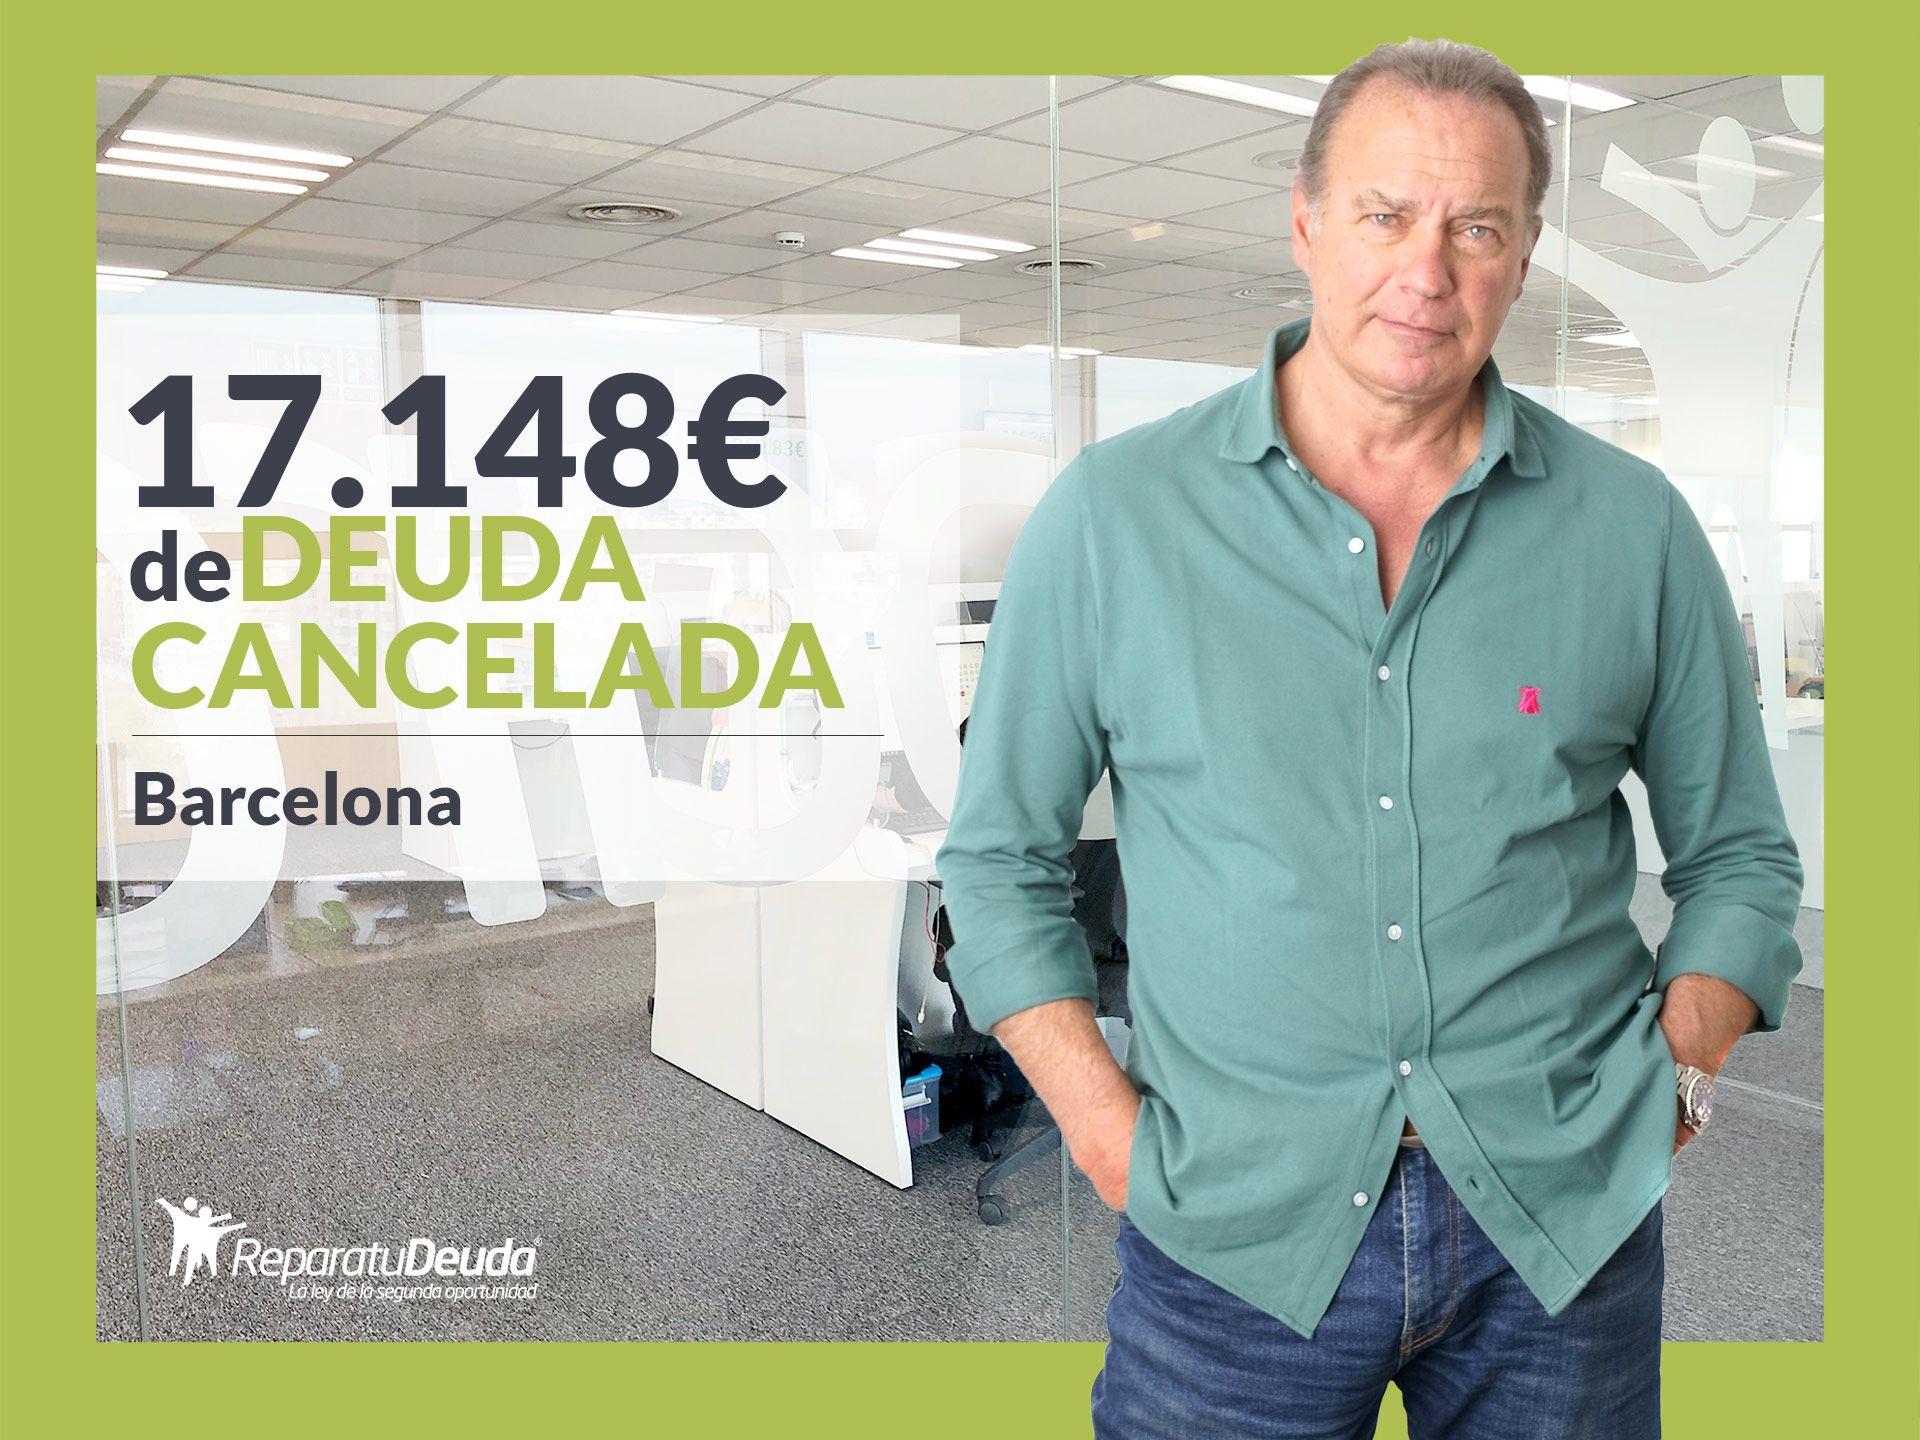 Repara tu Deuda Abogados cancela 17.148? en Barcelona (Catalunya) con la Ley de la Segunda Oportunidad